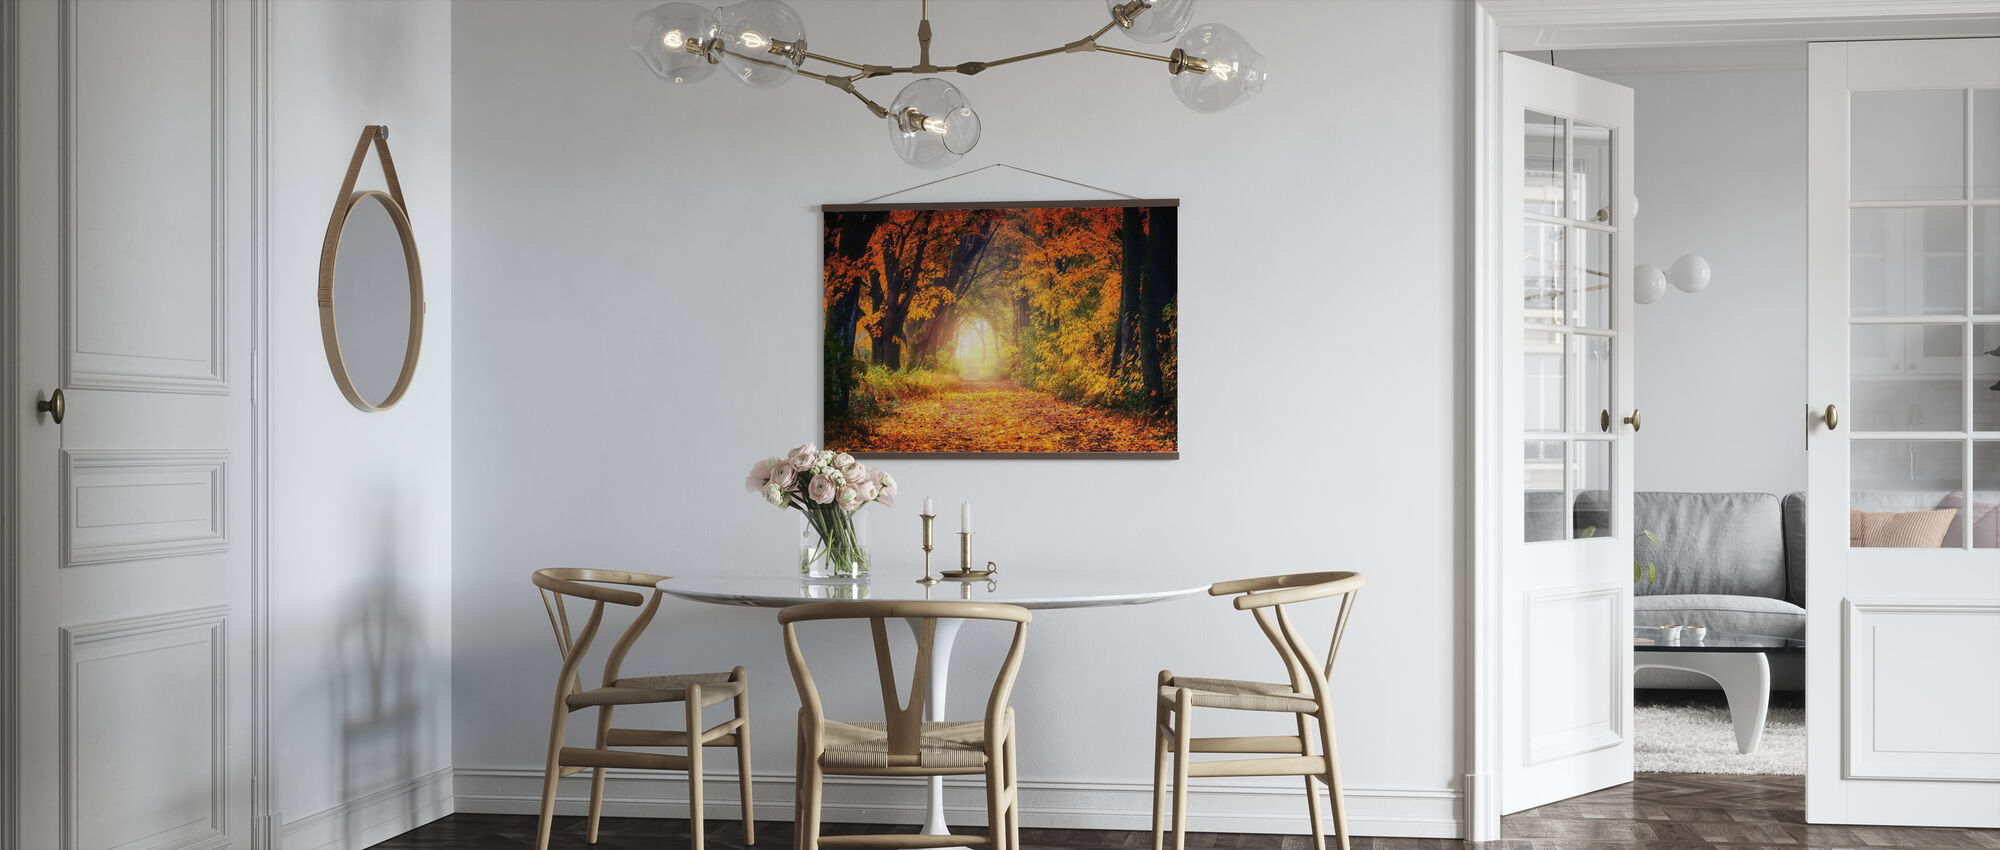 Percorso Foresta - Poster - Cucina